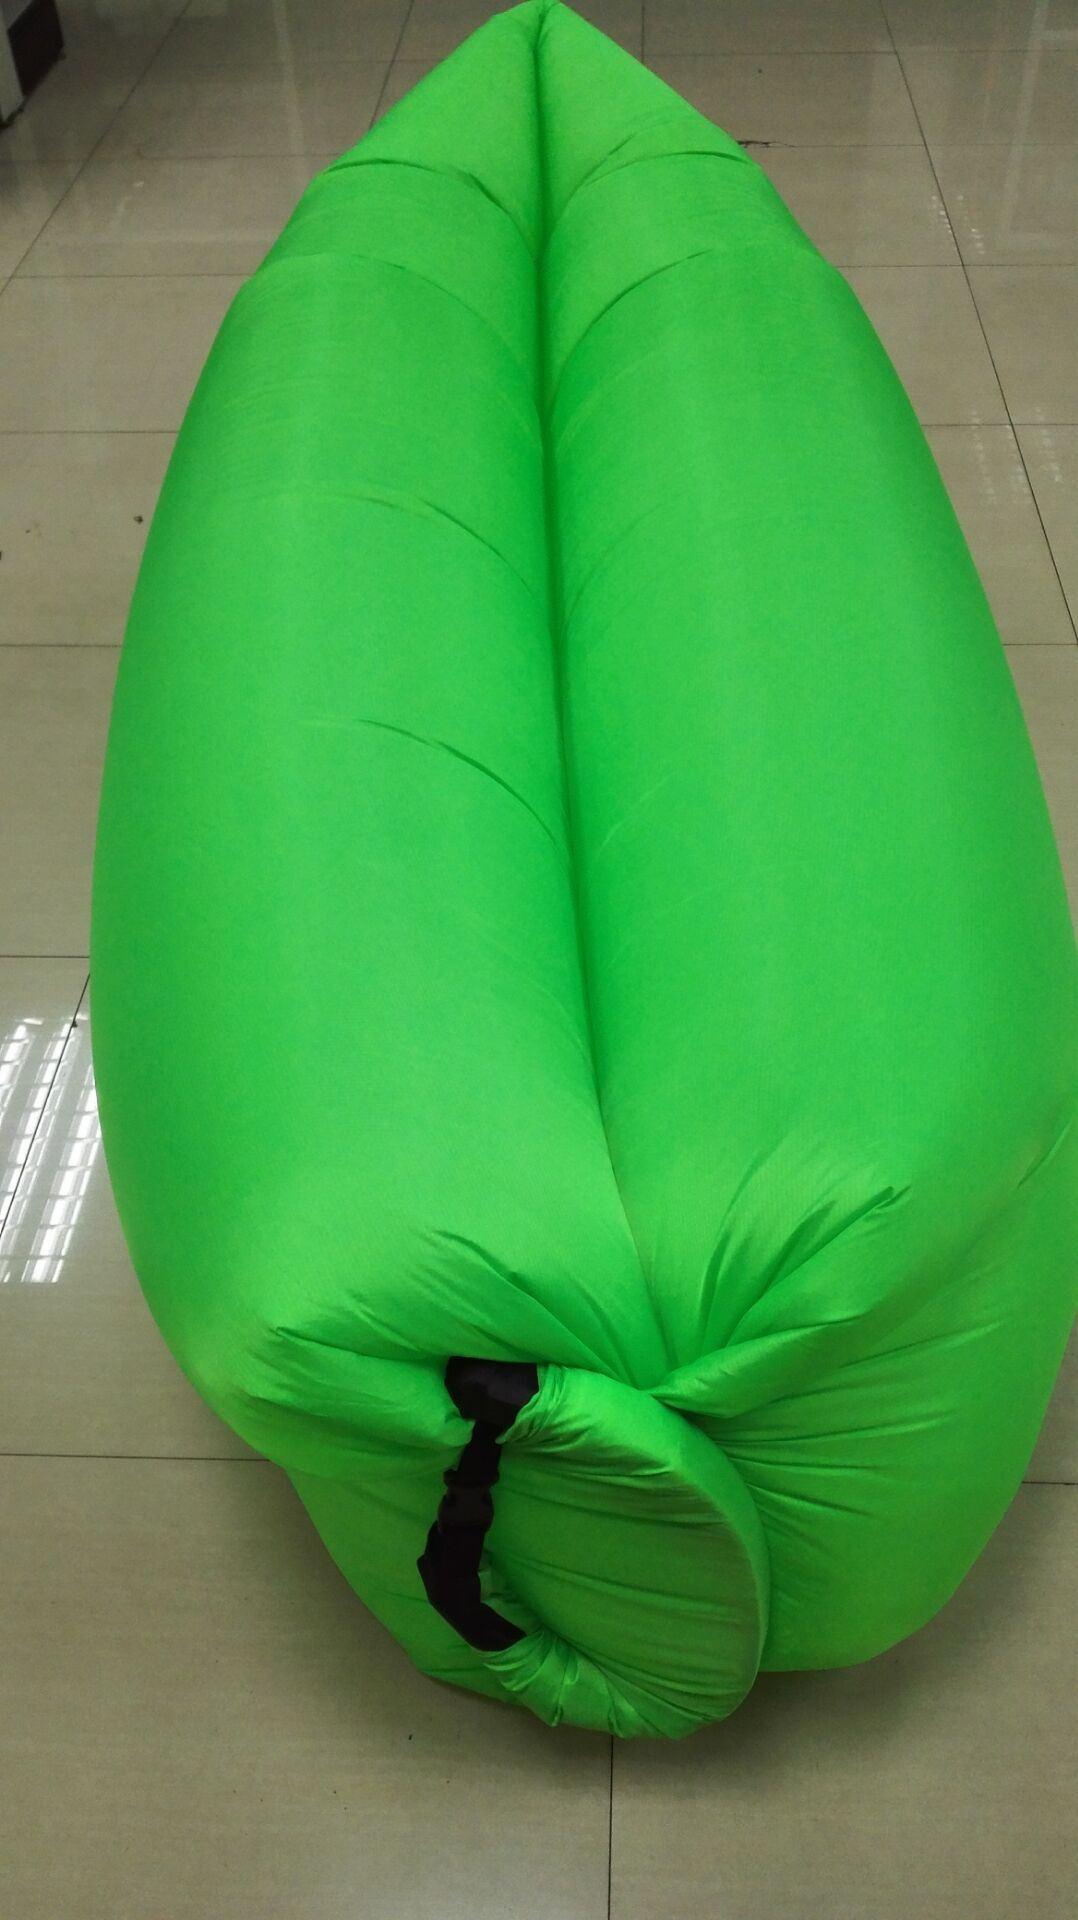 Beach Laybag/Air Hammock/Hangout Air Laybag